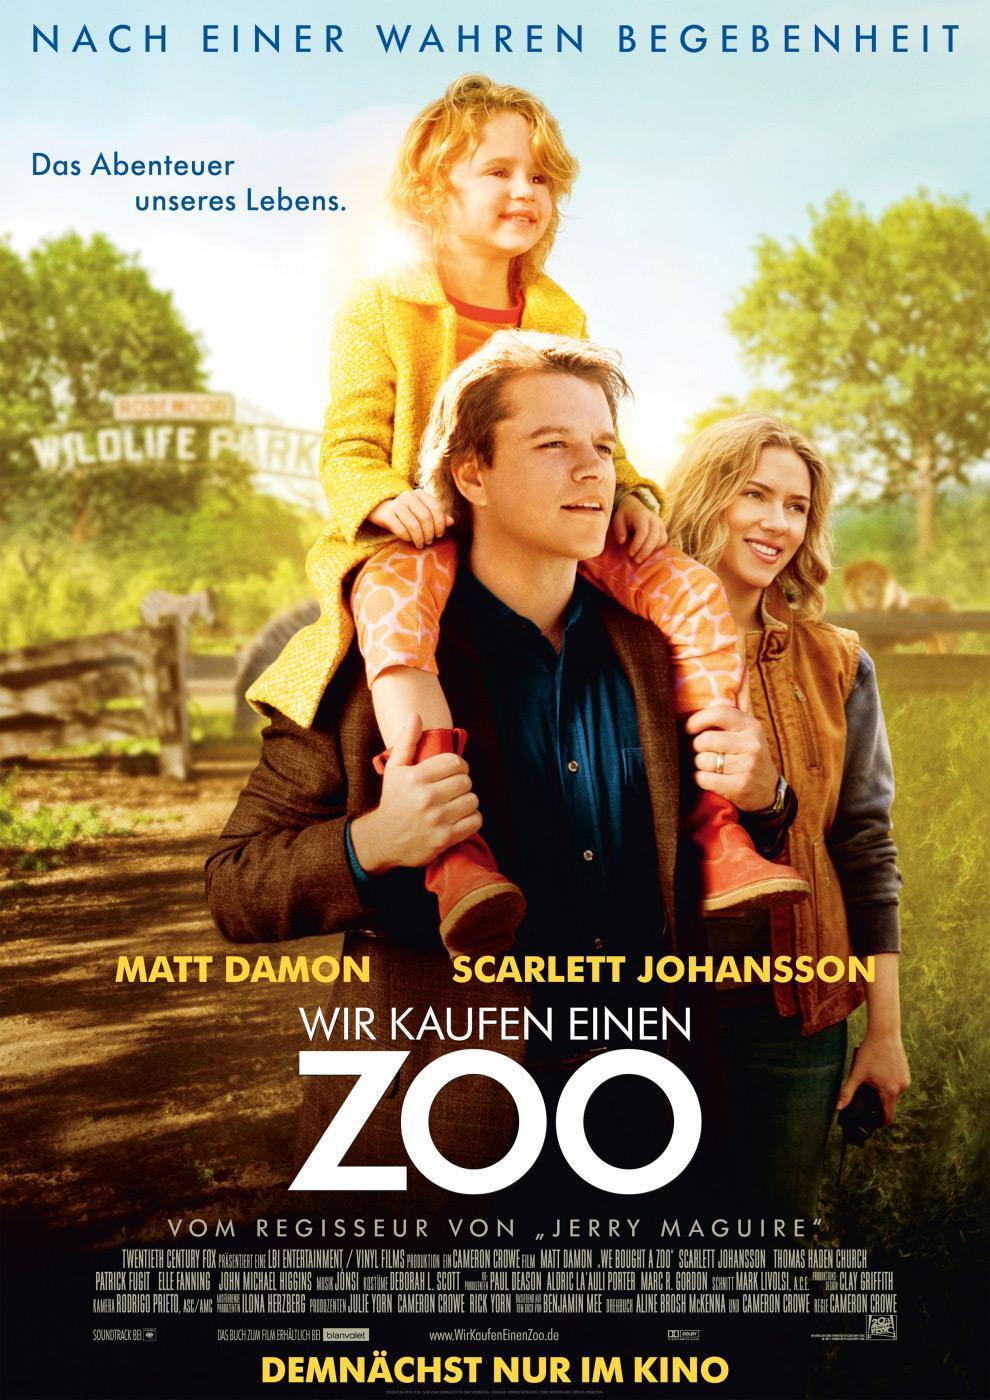 Wir kaufen einen Zoo (Poster)